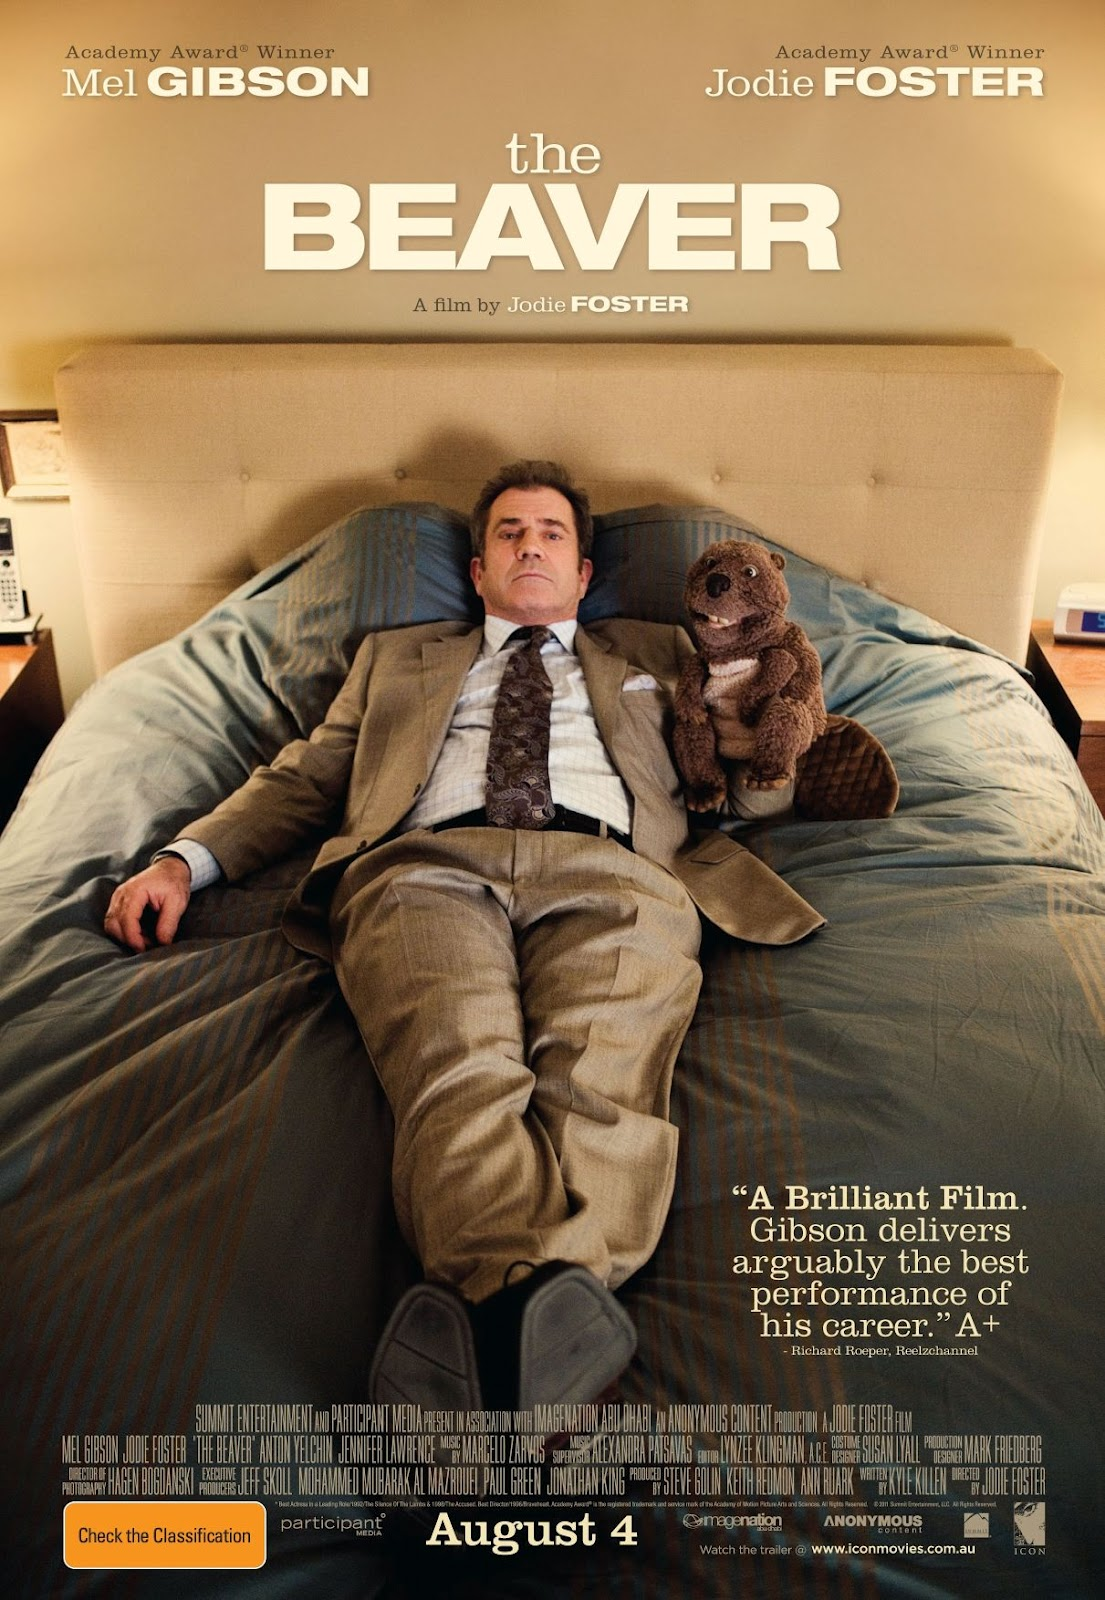 http://3.bp.blogspot.com/-SSgZTJdgpqA/T-GFXyvQBzI/AAAAAAAADiQ/7UwA7FACrBg/s1600/beaver-poster.jpg